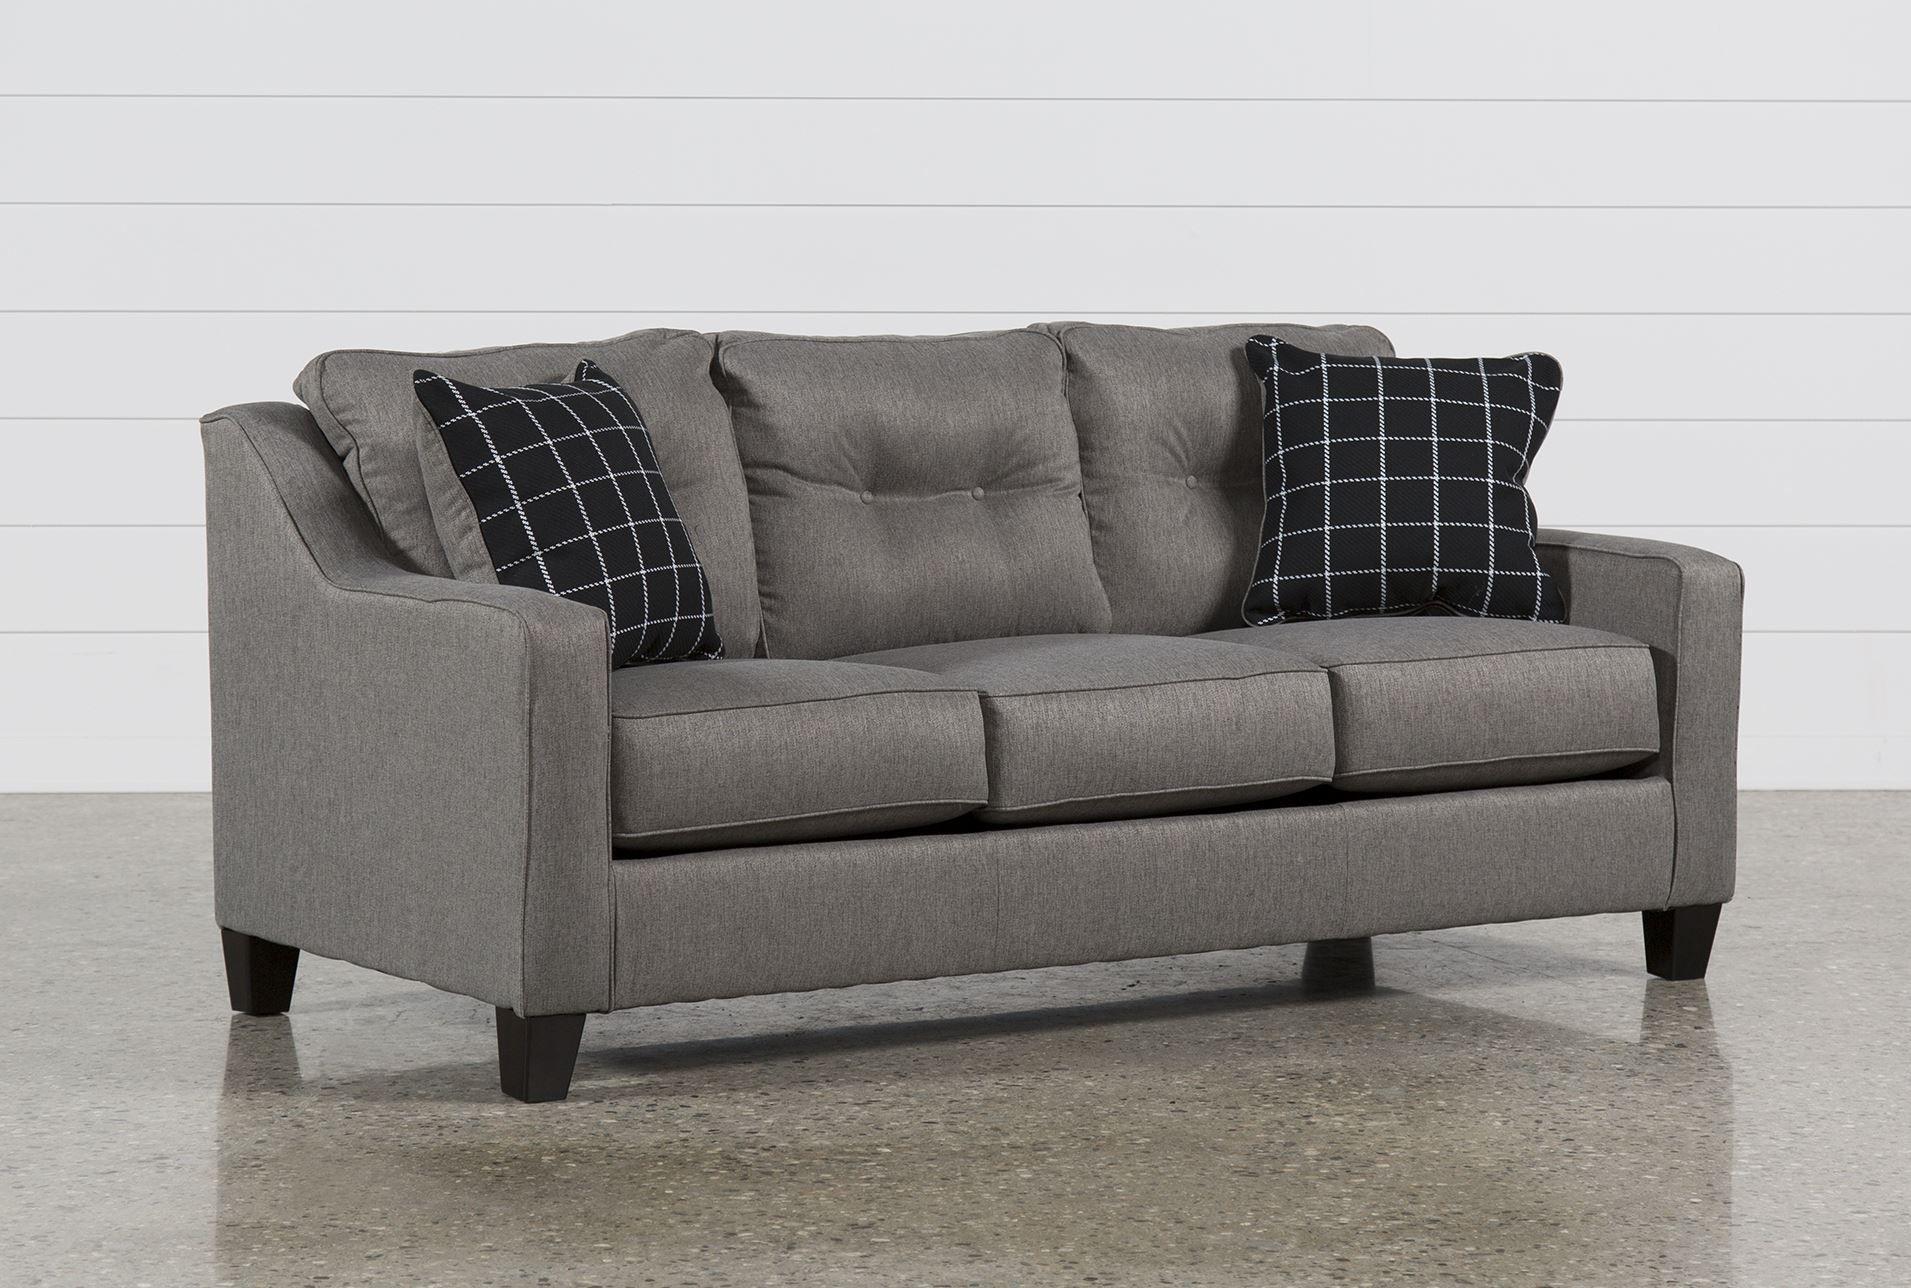 Sleeper Sofa Bar Shield Queen Dream Home Ideas Queen